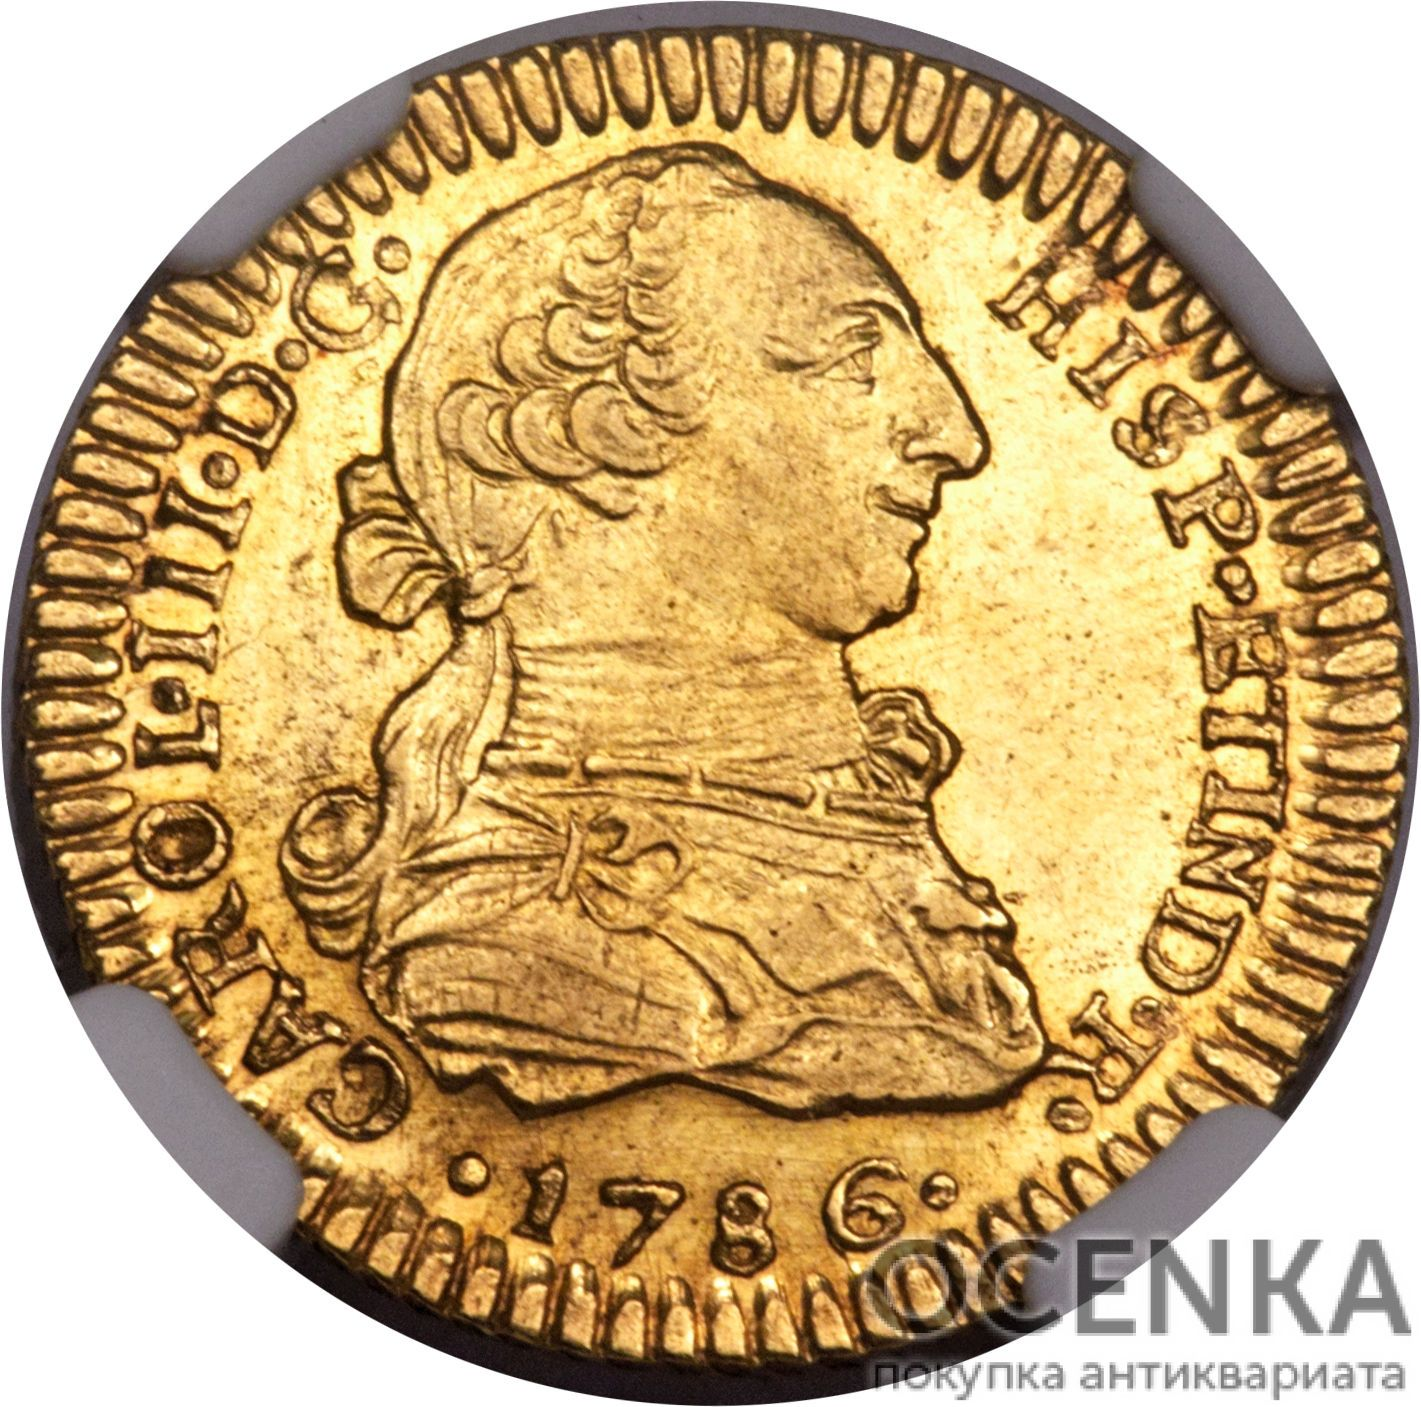 Золотая монета 1 Эскудо (1 Escudo) Чили - 1